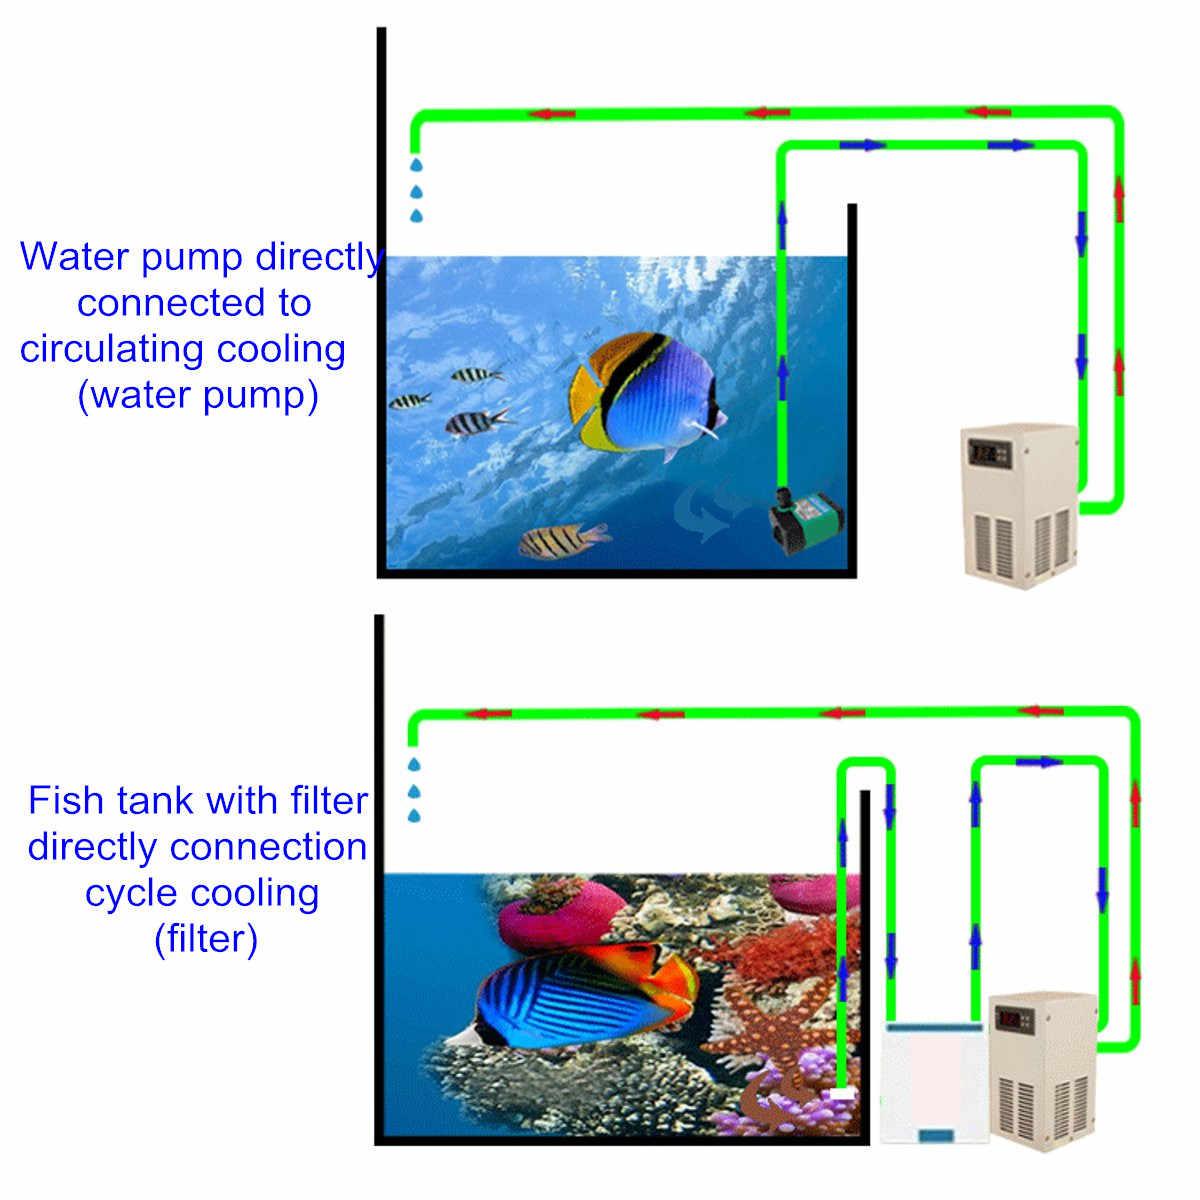 LCD عرض الماء المبرد تبريد جهاز 35L 72 واط حوض السمك للدبابات المستمر التبريد معدات التحكم في درجة الحرارة أدوات